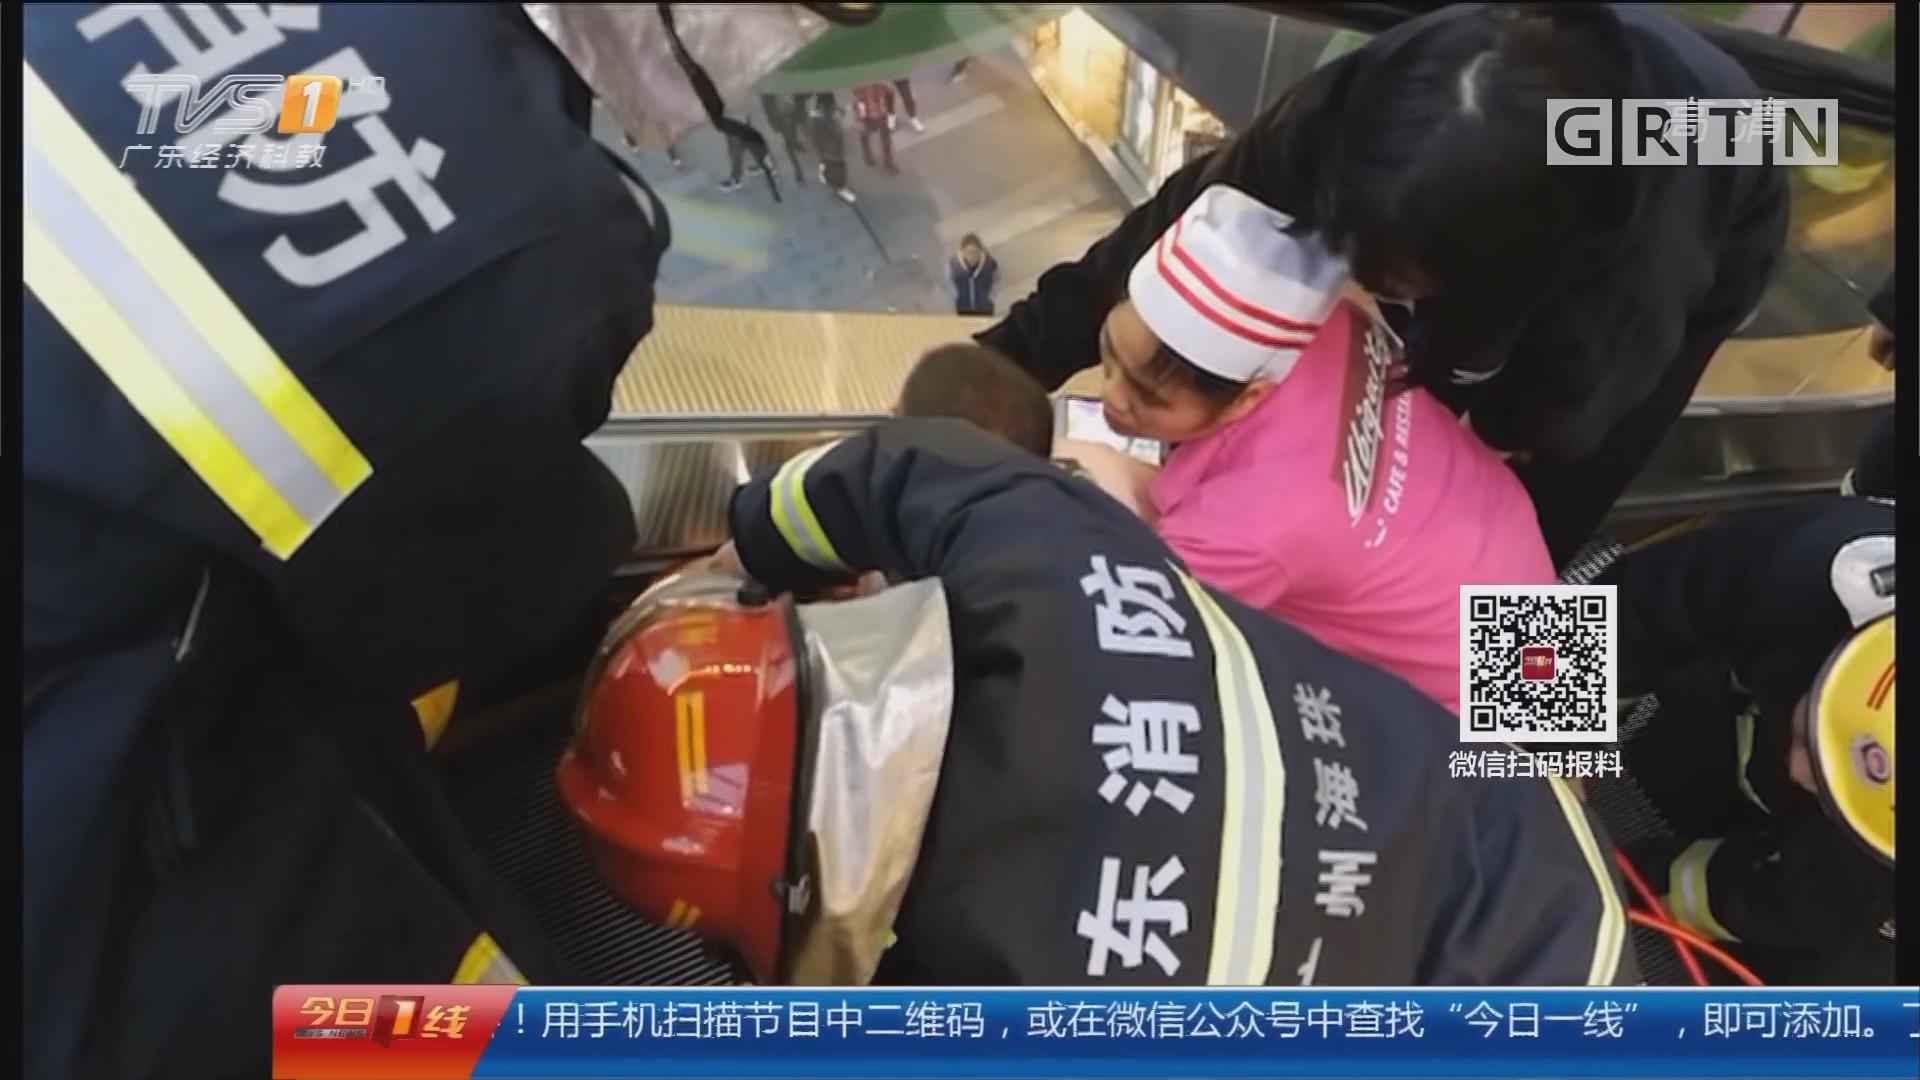 广州:三岁娃小手卷进扶梯 火速救援